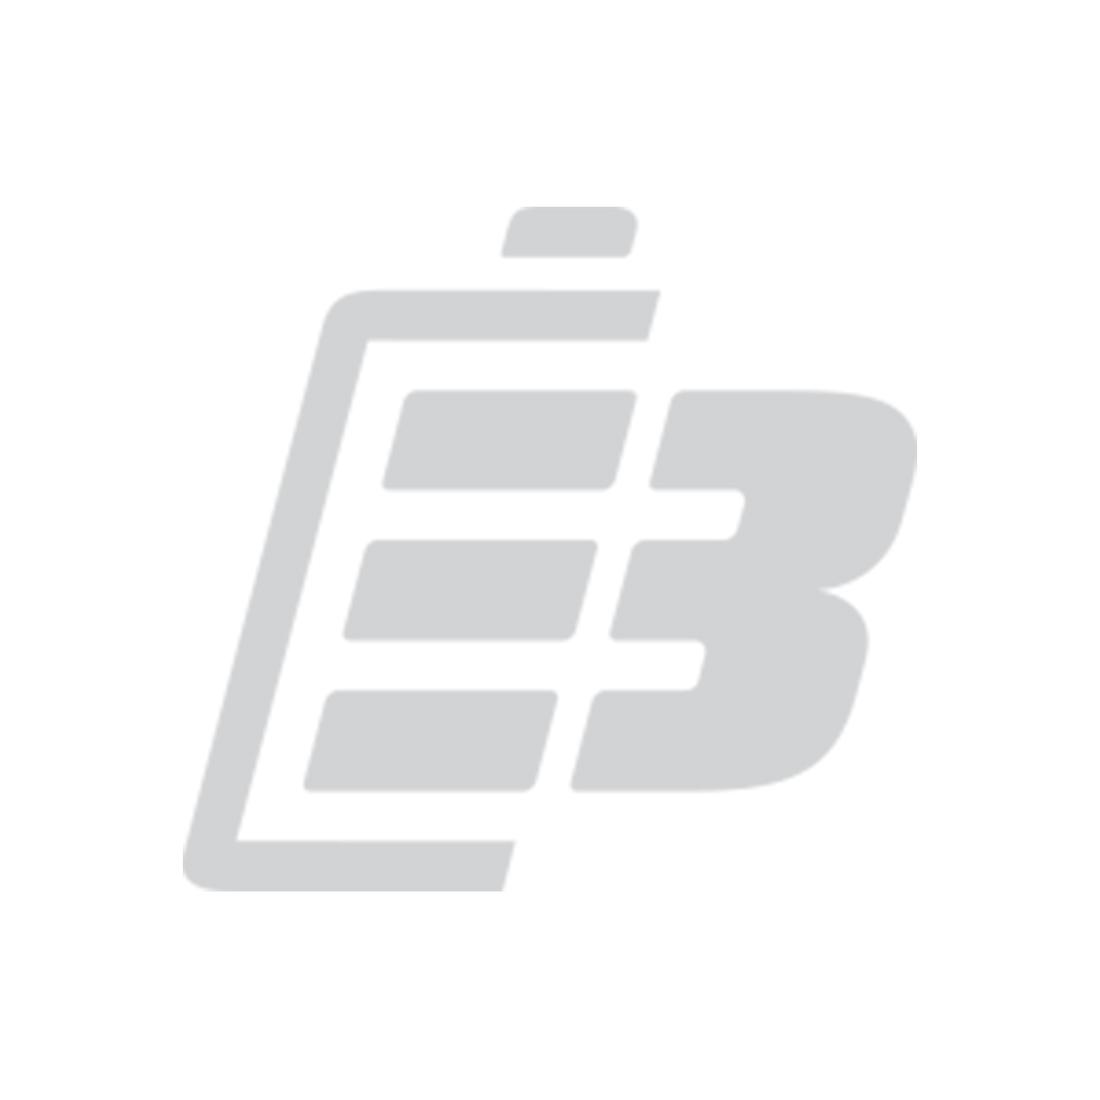 Μπαταρία Laptop Sony VGP-BPS13 Μαύρη_1